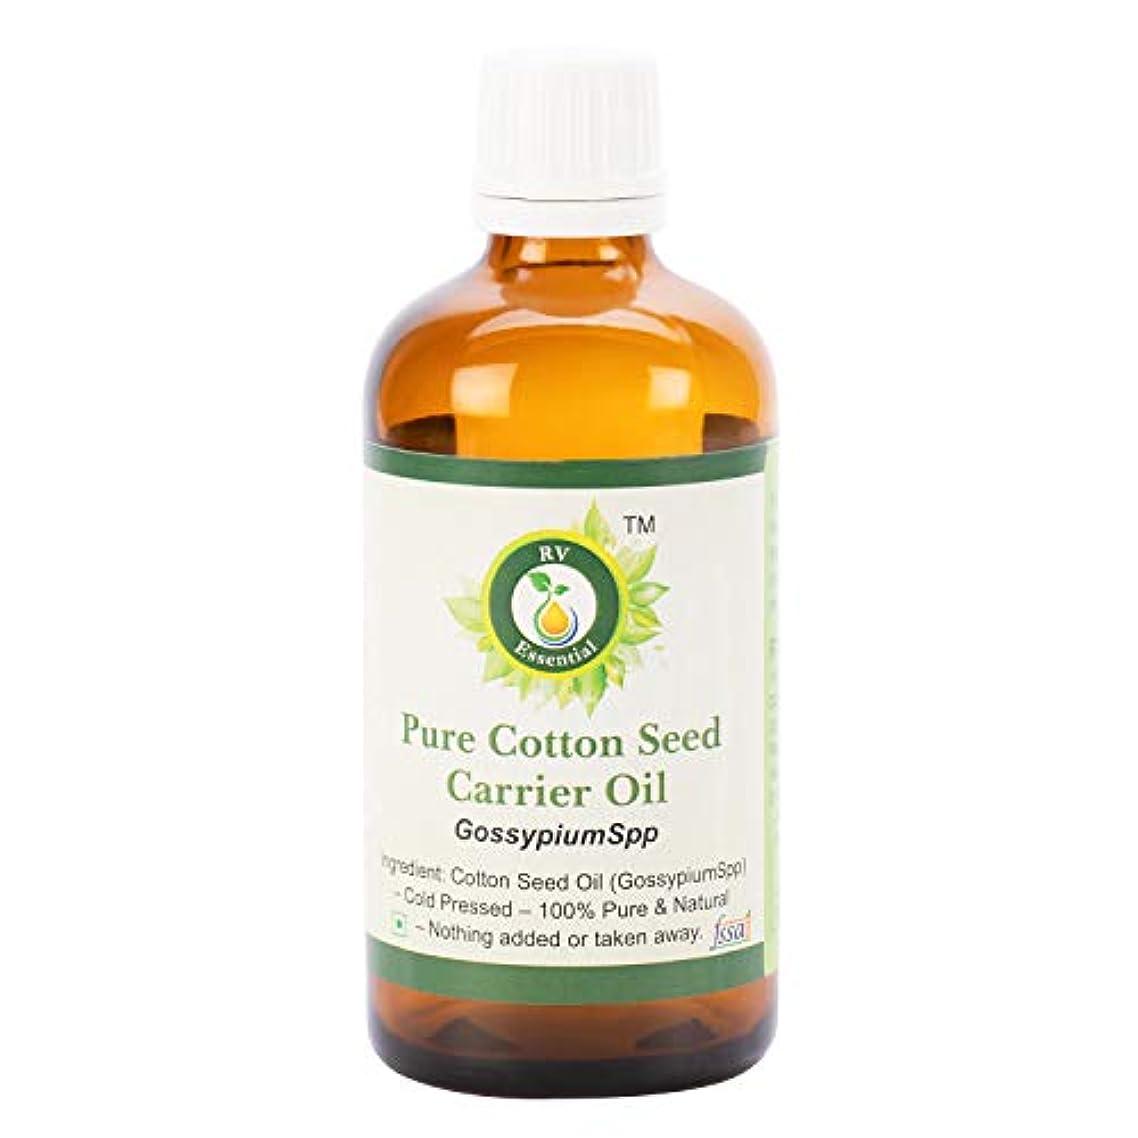 傾いたマージ何故なのR V Essential 純粋な綿の種子キャリアオイル10ml (0.338oz)- Gossypium Spp (100%ピュア&ナチュラルコールドPressed) Pure Cotton Seed Carrier...